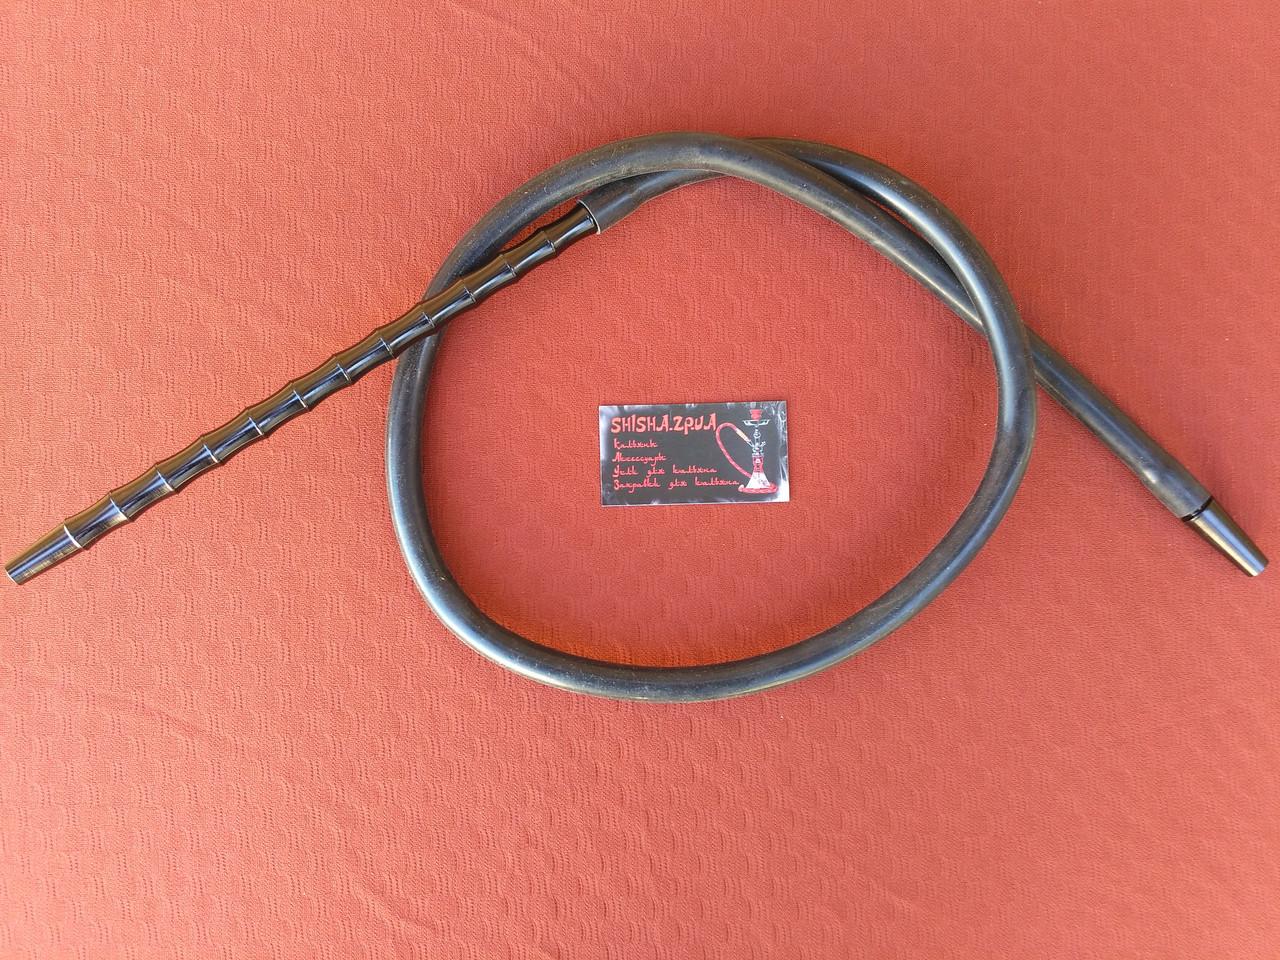 Шланг силиконовый с алюминиевыми мундштуками - цвет: черный, син., зел